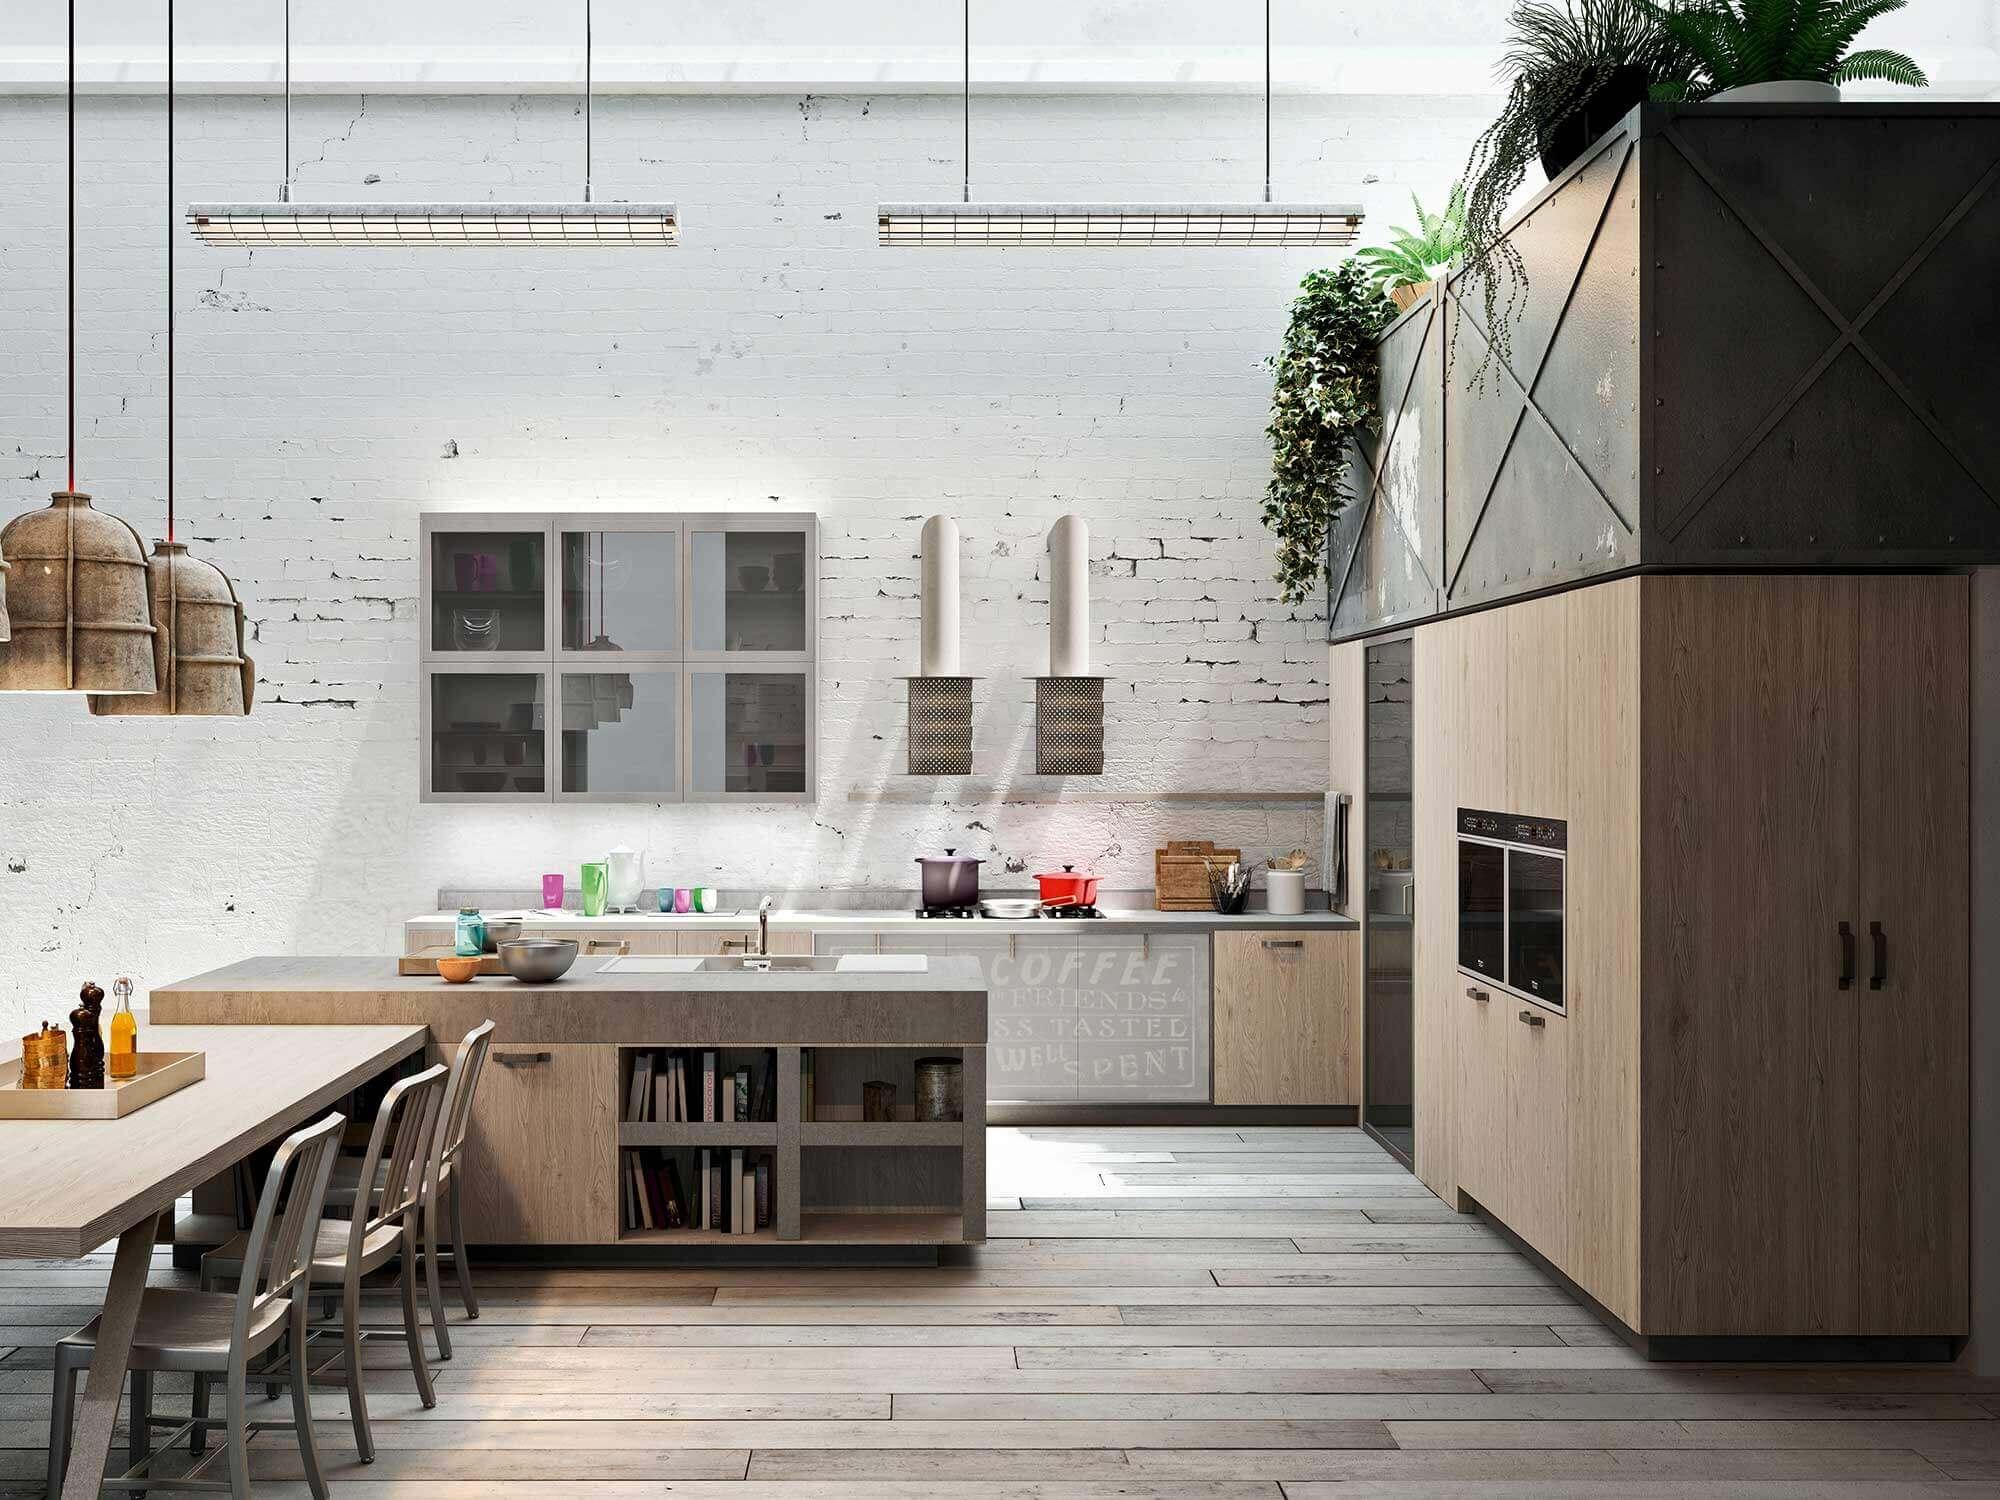 Keuken met industriële tinten